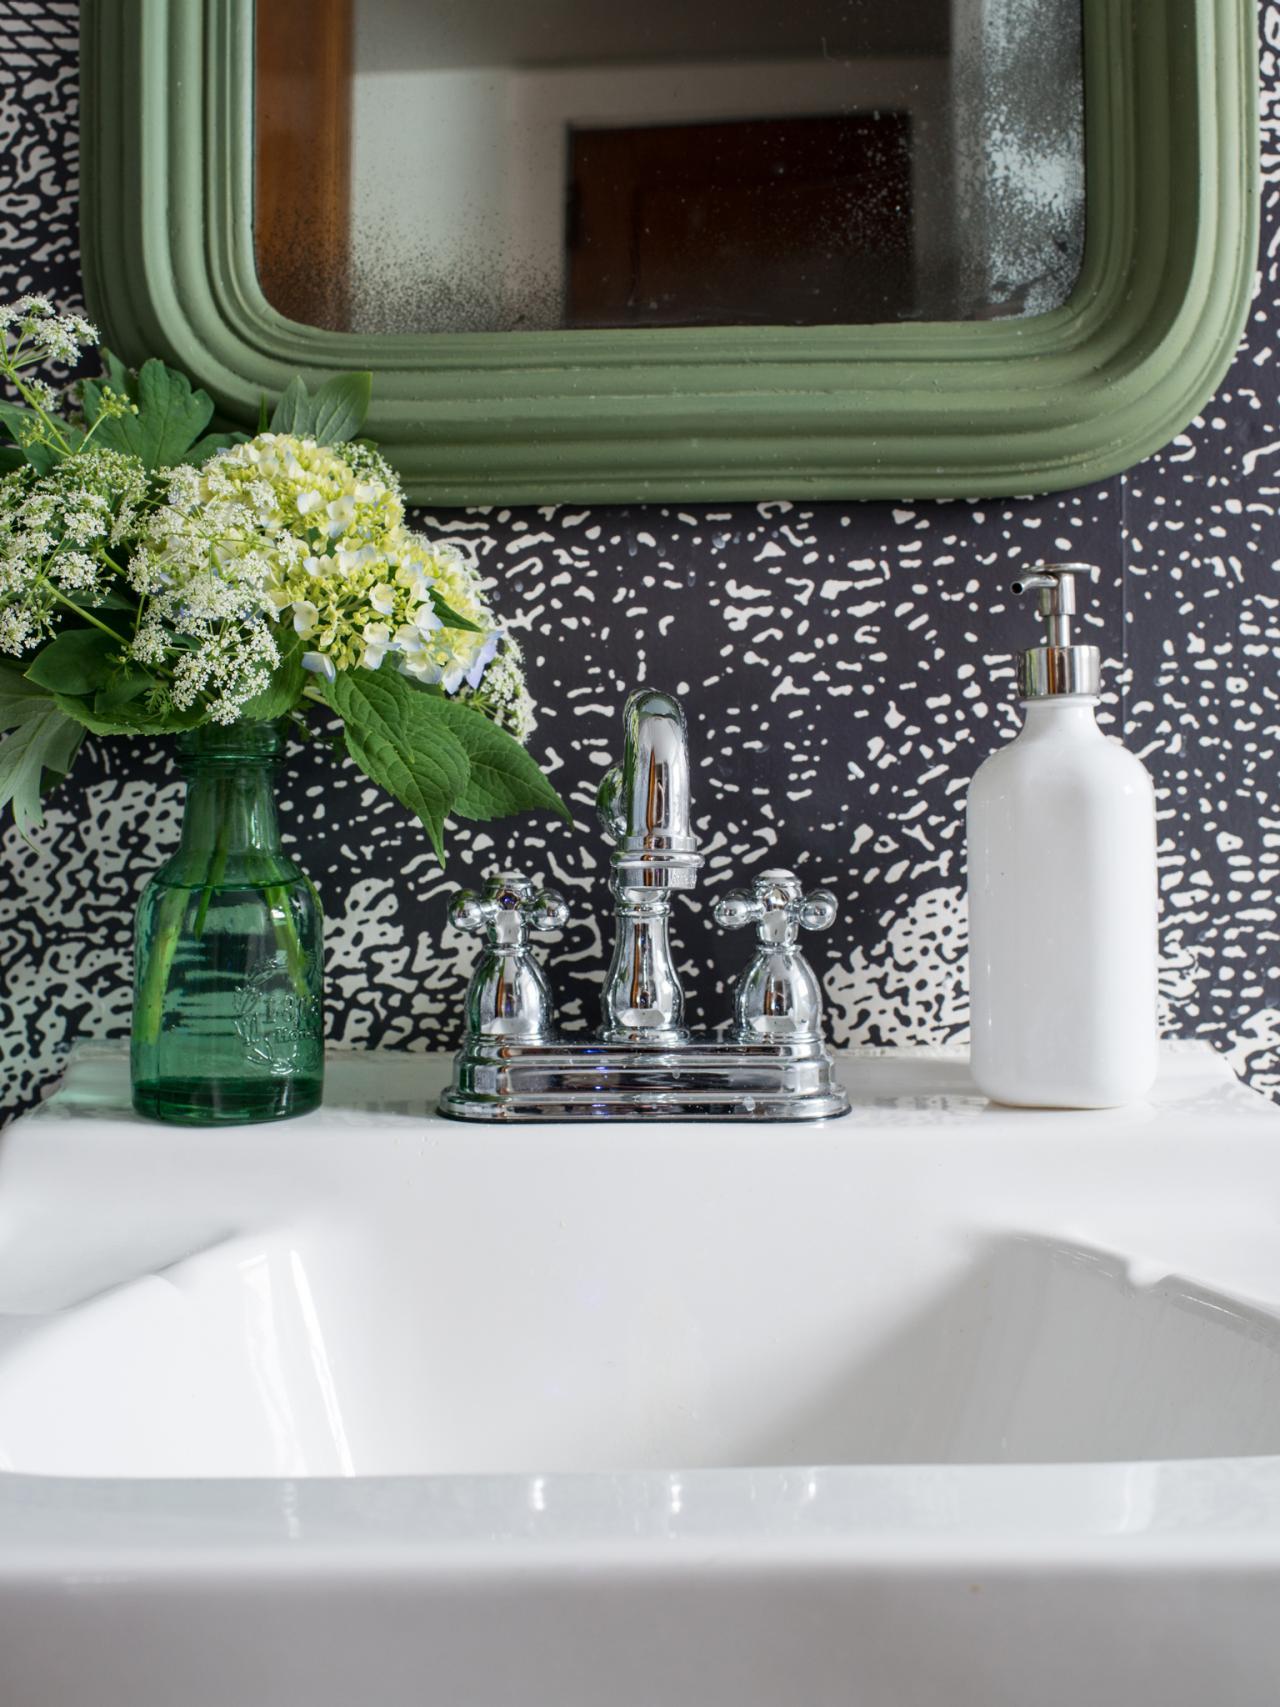 Install new faucet bathroom - Installing A New Bathroom Faucet